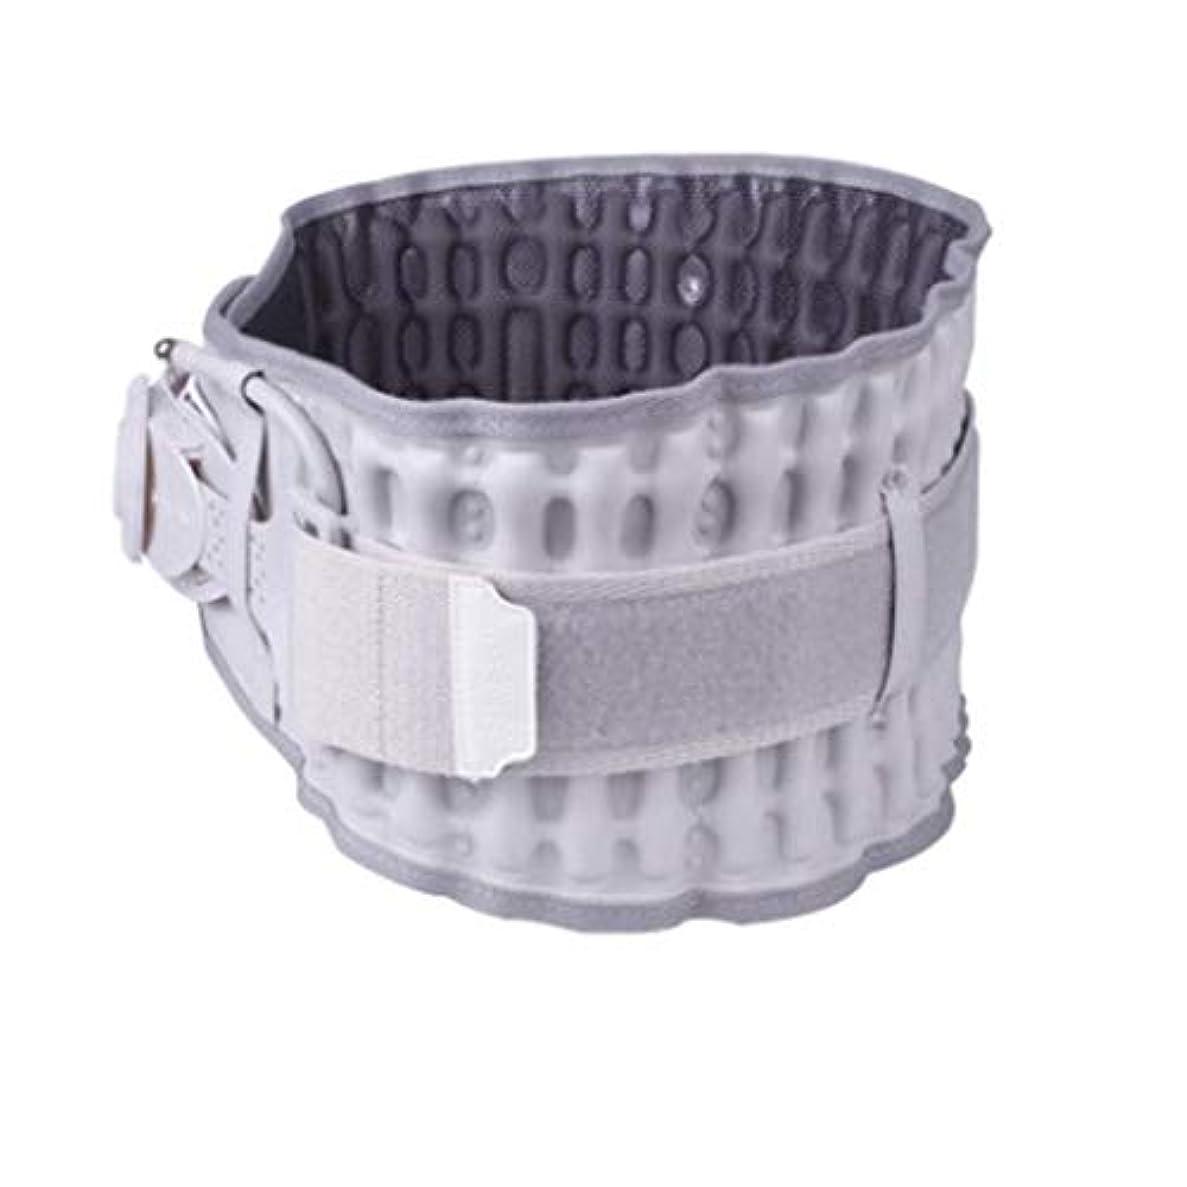 曲げるパーティション保有者ウエストマッサージャー、減圧ベルト、腰椎減圧ベルト、背中のマッサージサポートツール、ユニセックス